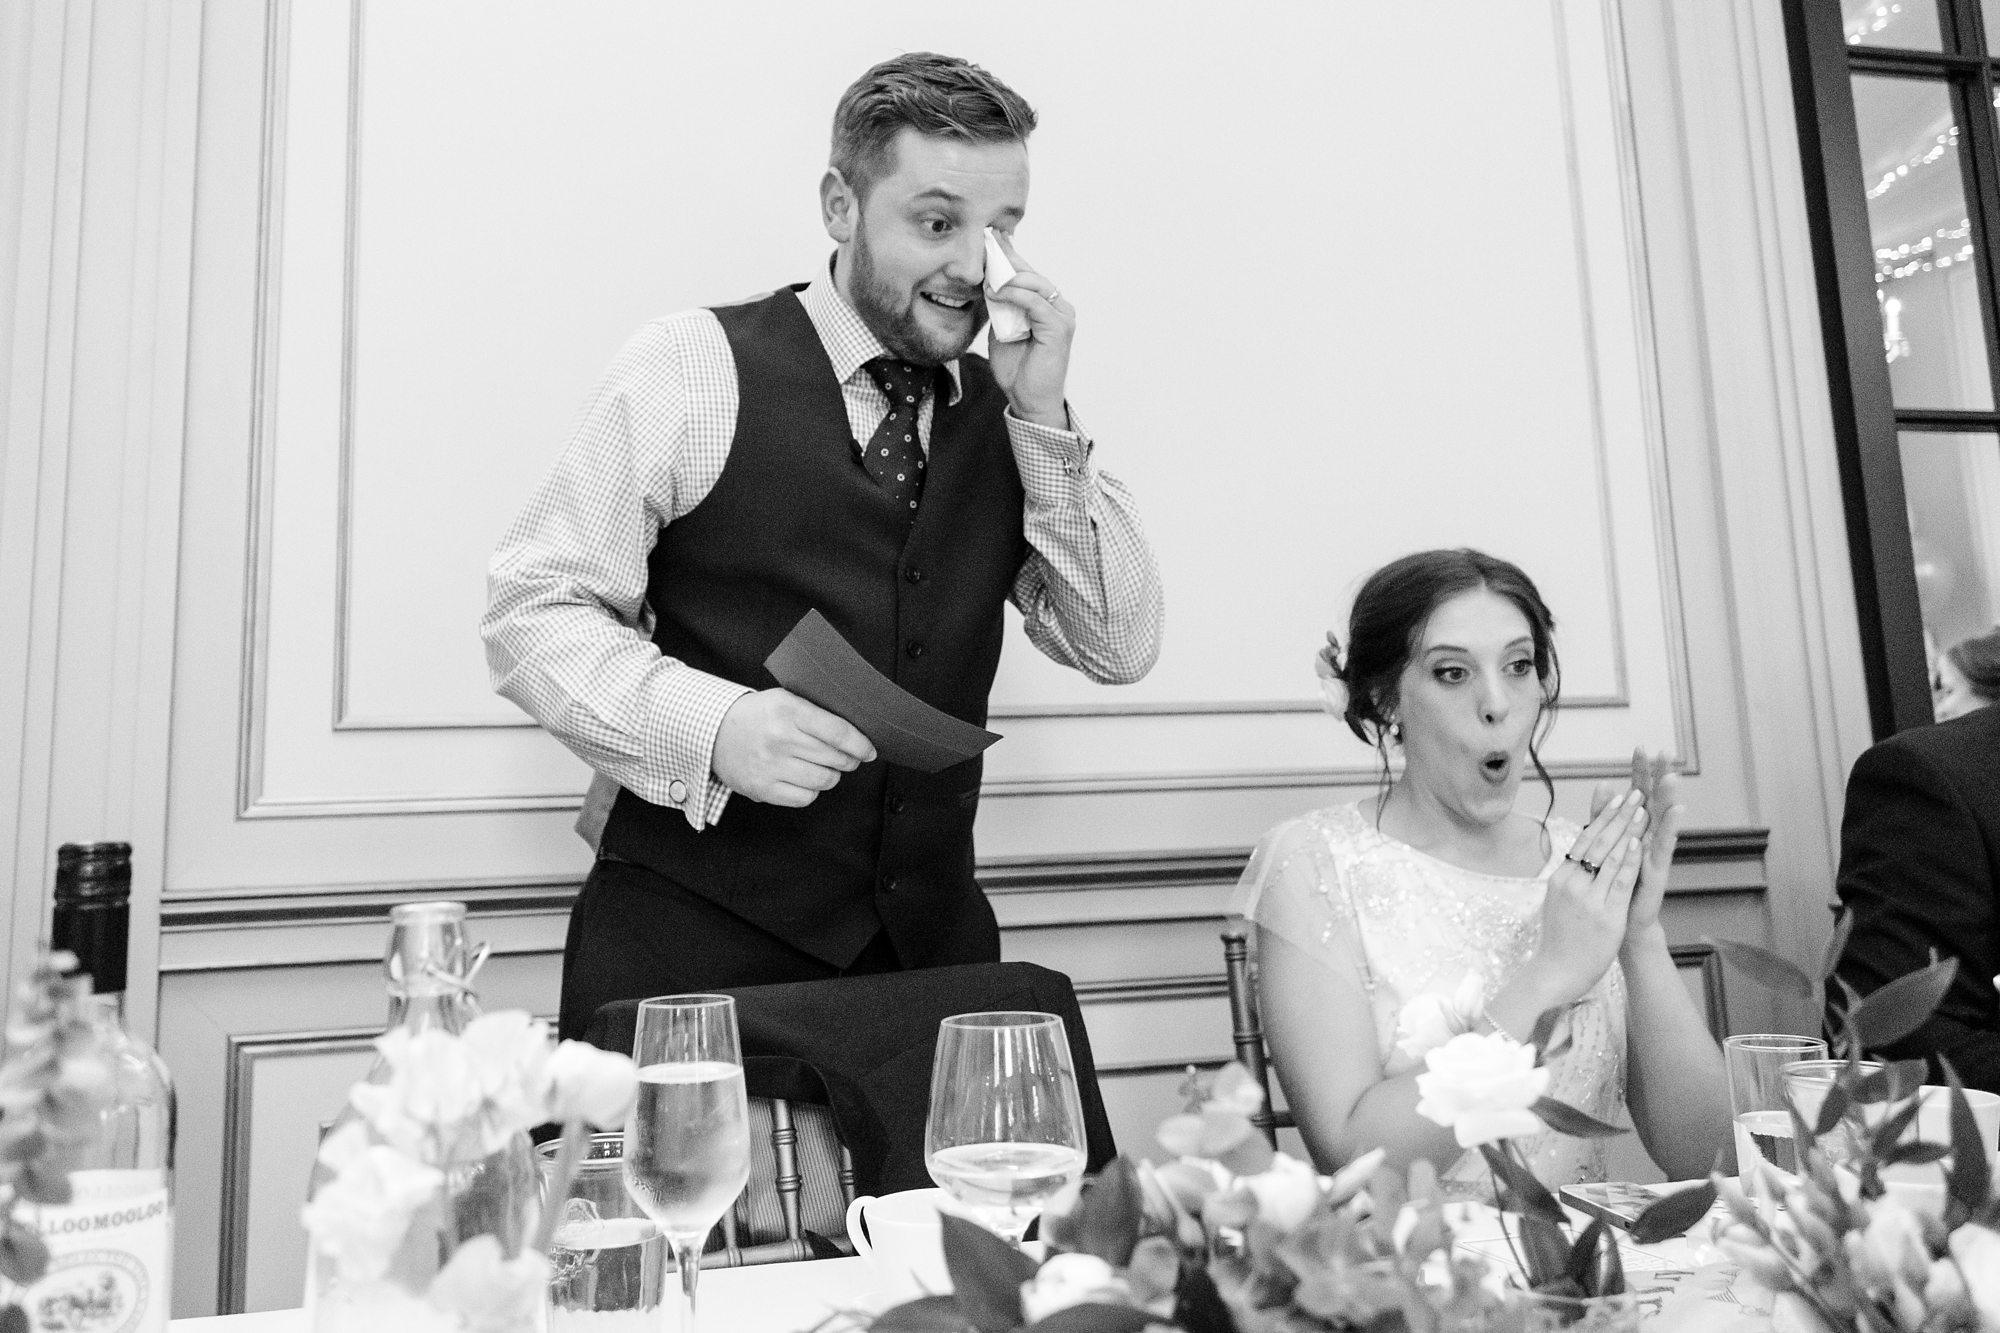 Grooms Speech To Bride Examples: How To Rock Your Groom's Speech